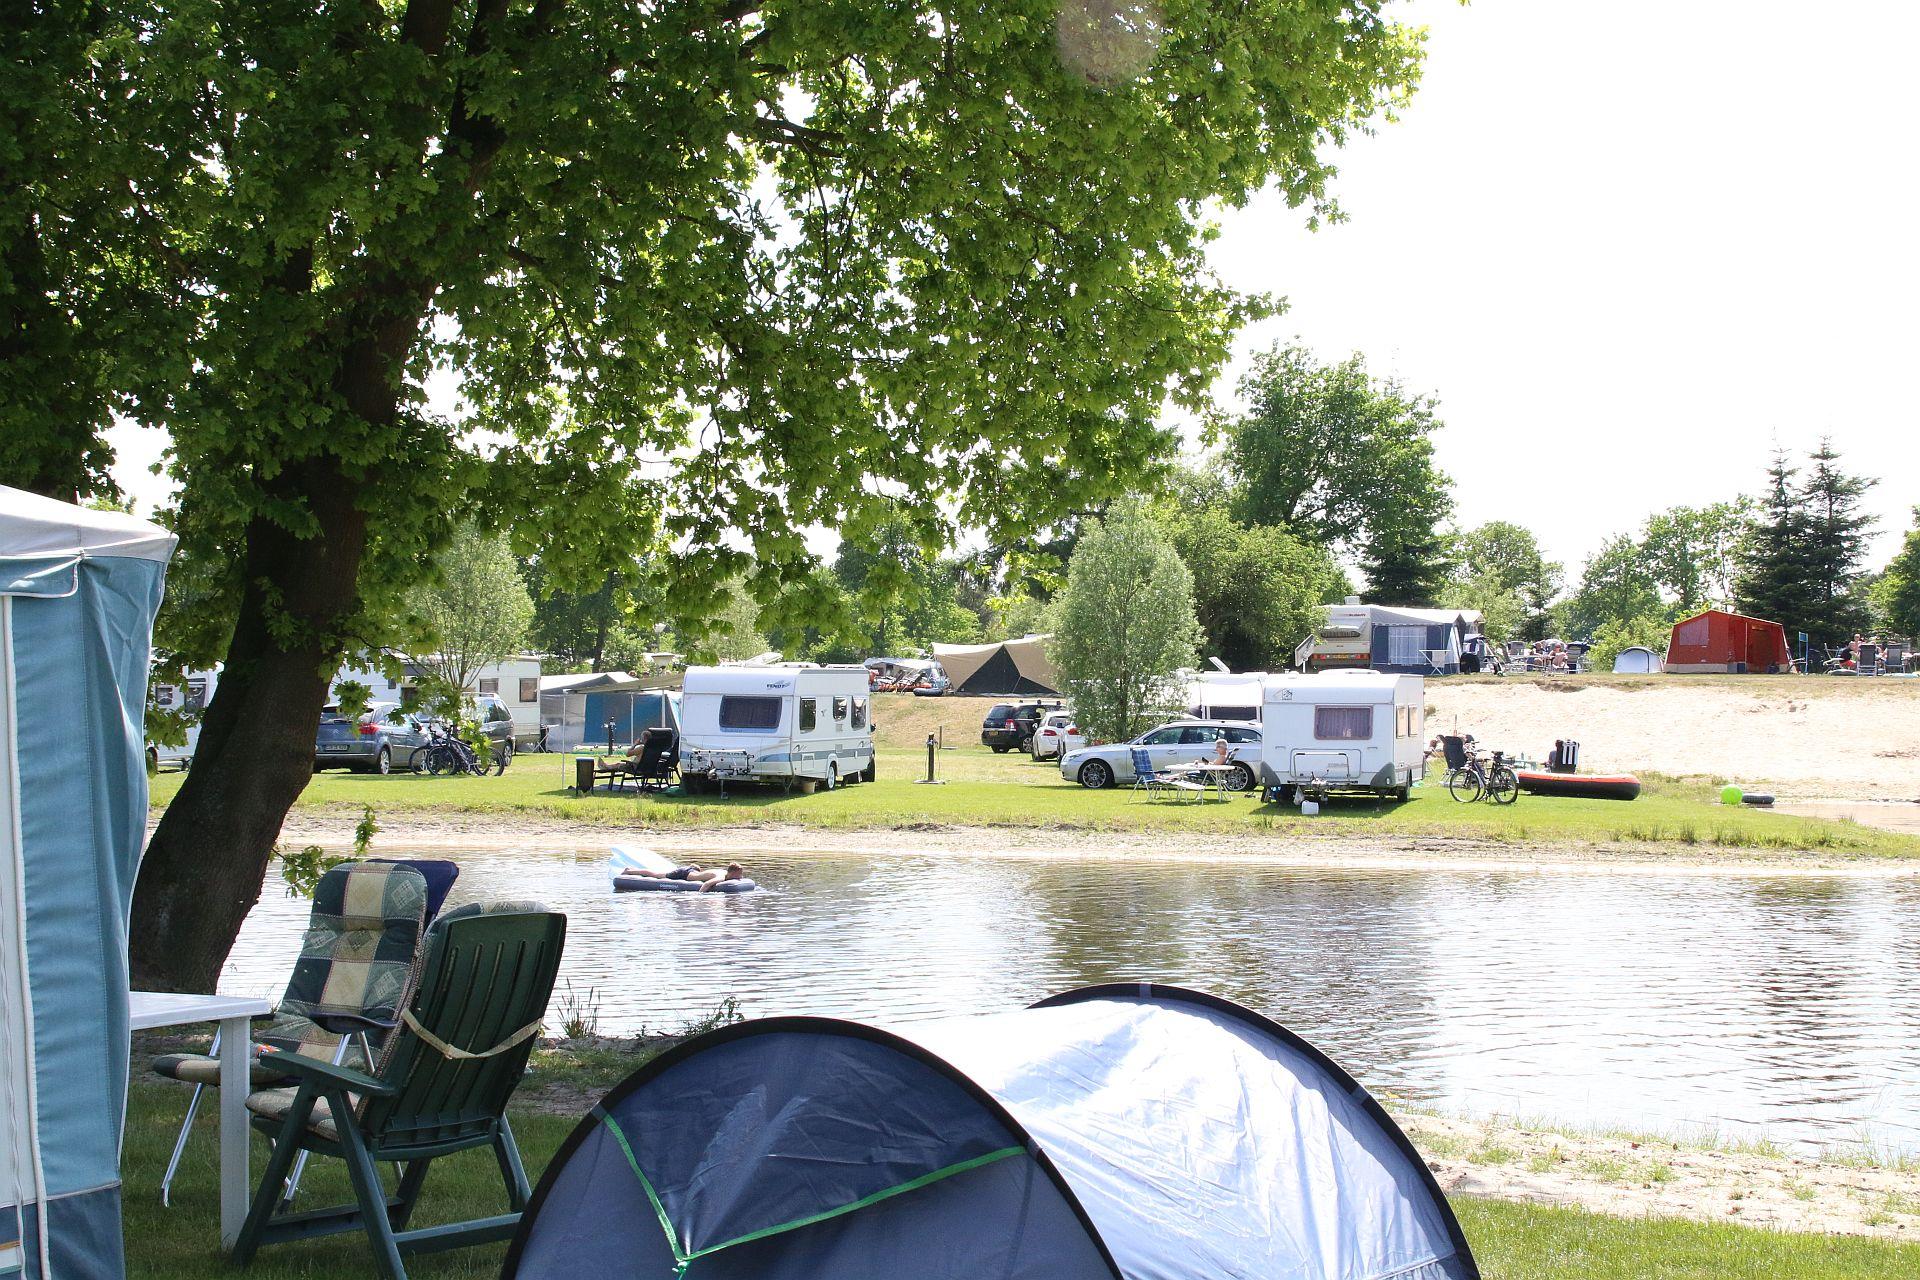 Juni maand kamperen op 5 sterren camping - Junimaand in Overijssel